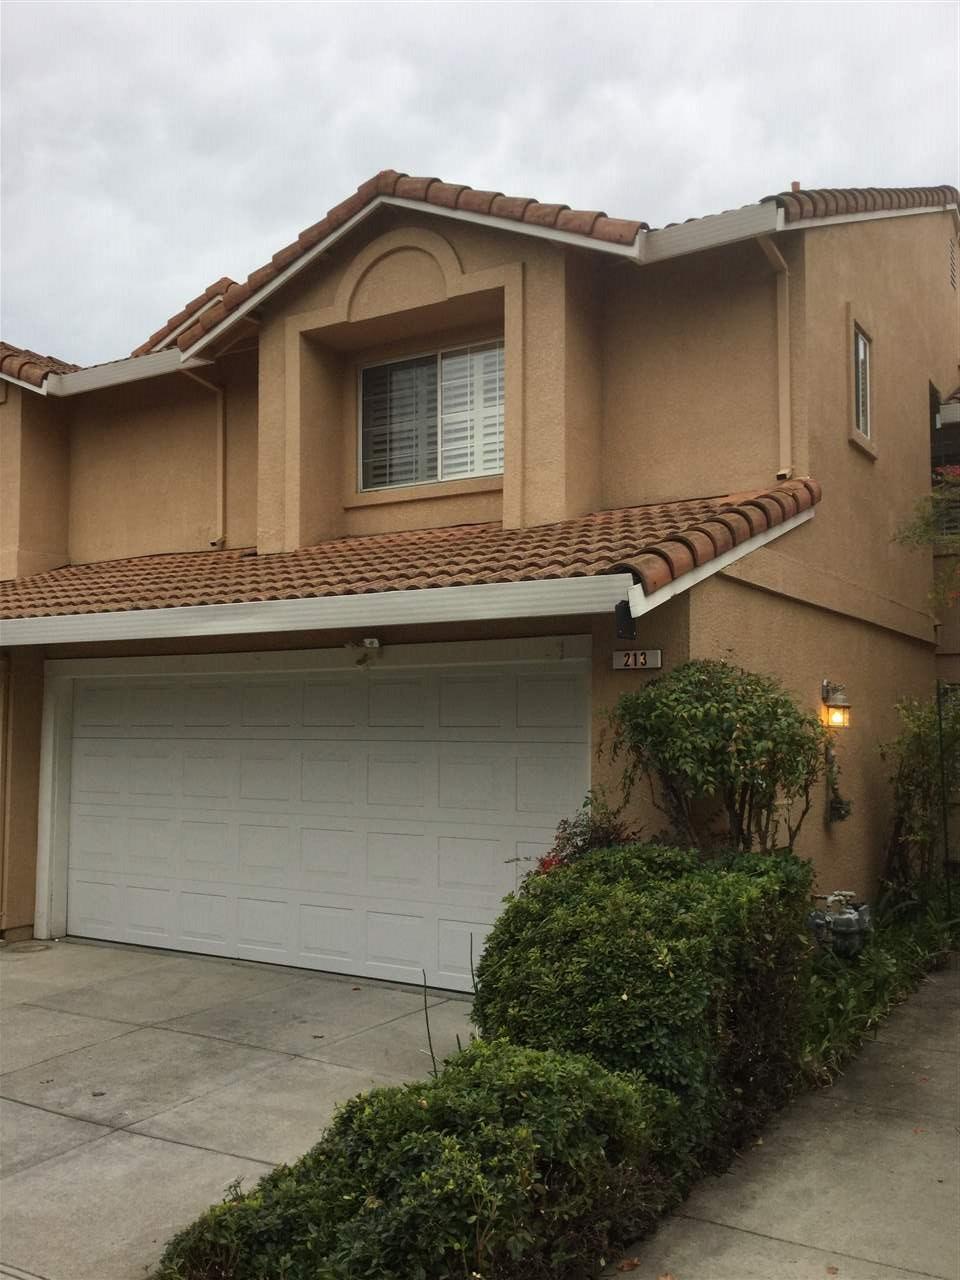 Townhouse for Sale at 213 Portola Drive 213 Portola Drive Danville, California 94506 United States